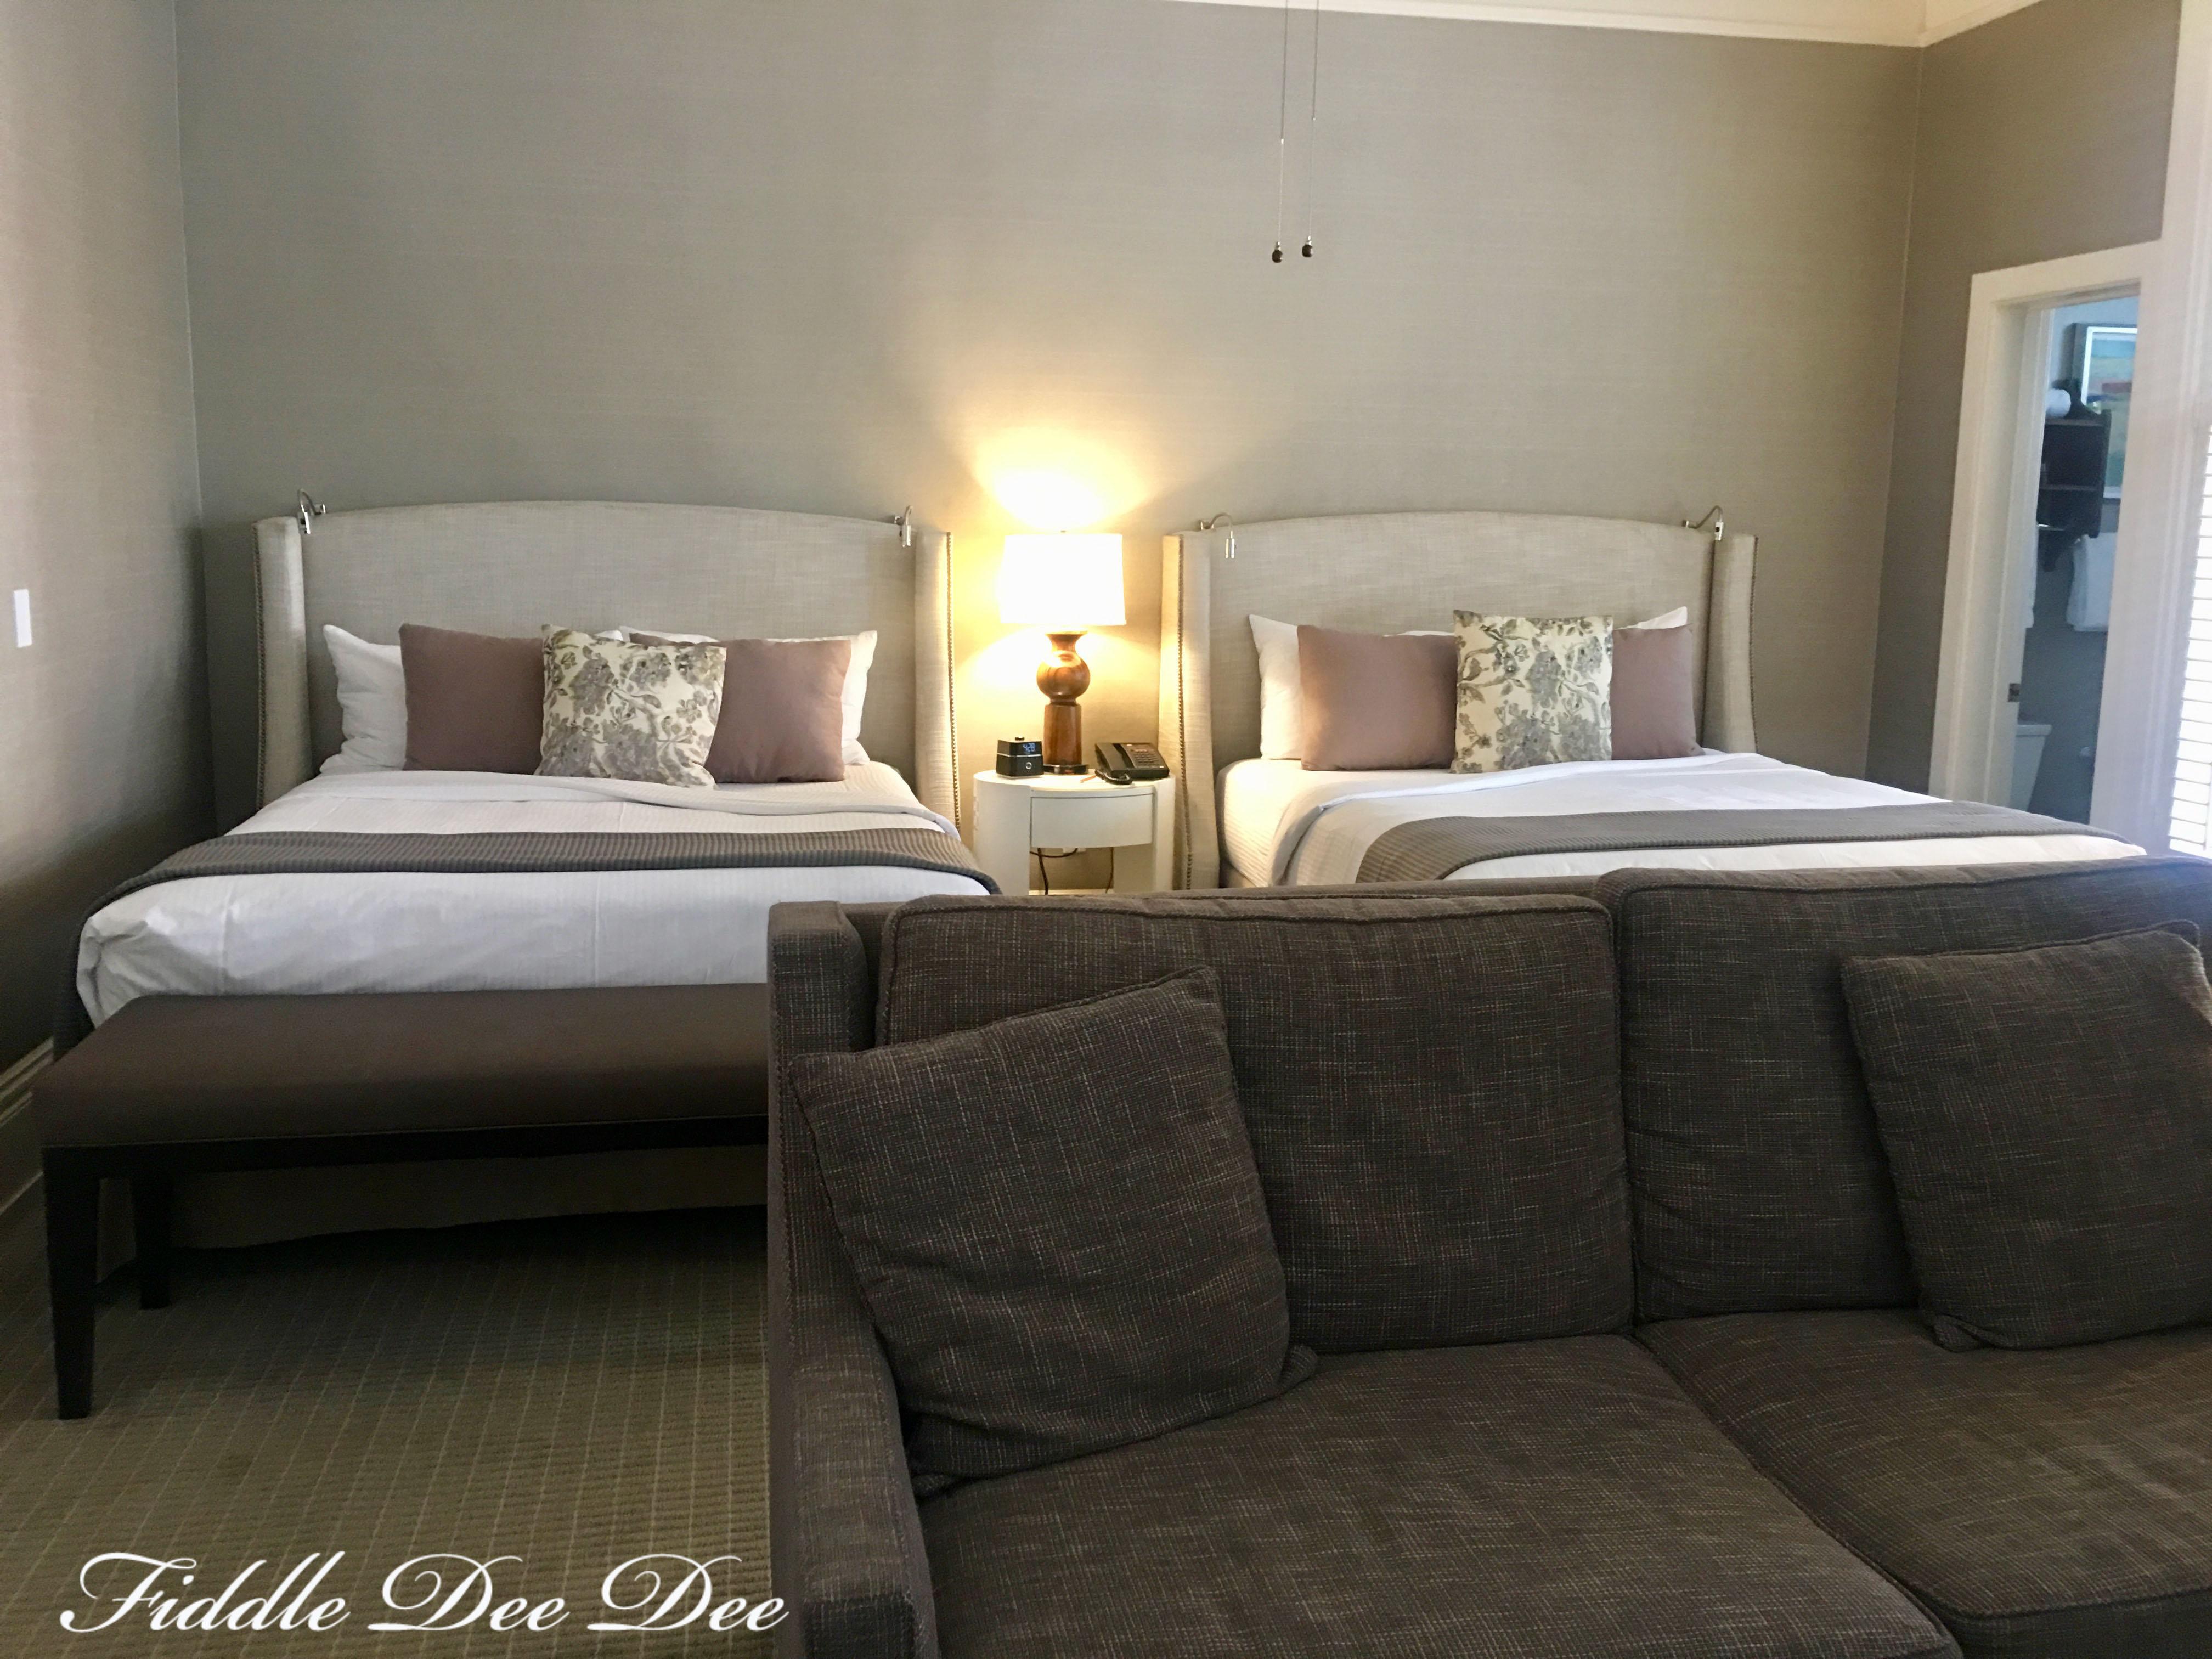 Hotel-Del-Jr-Suite | ohfiddledeedee.com